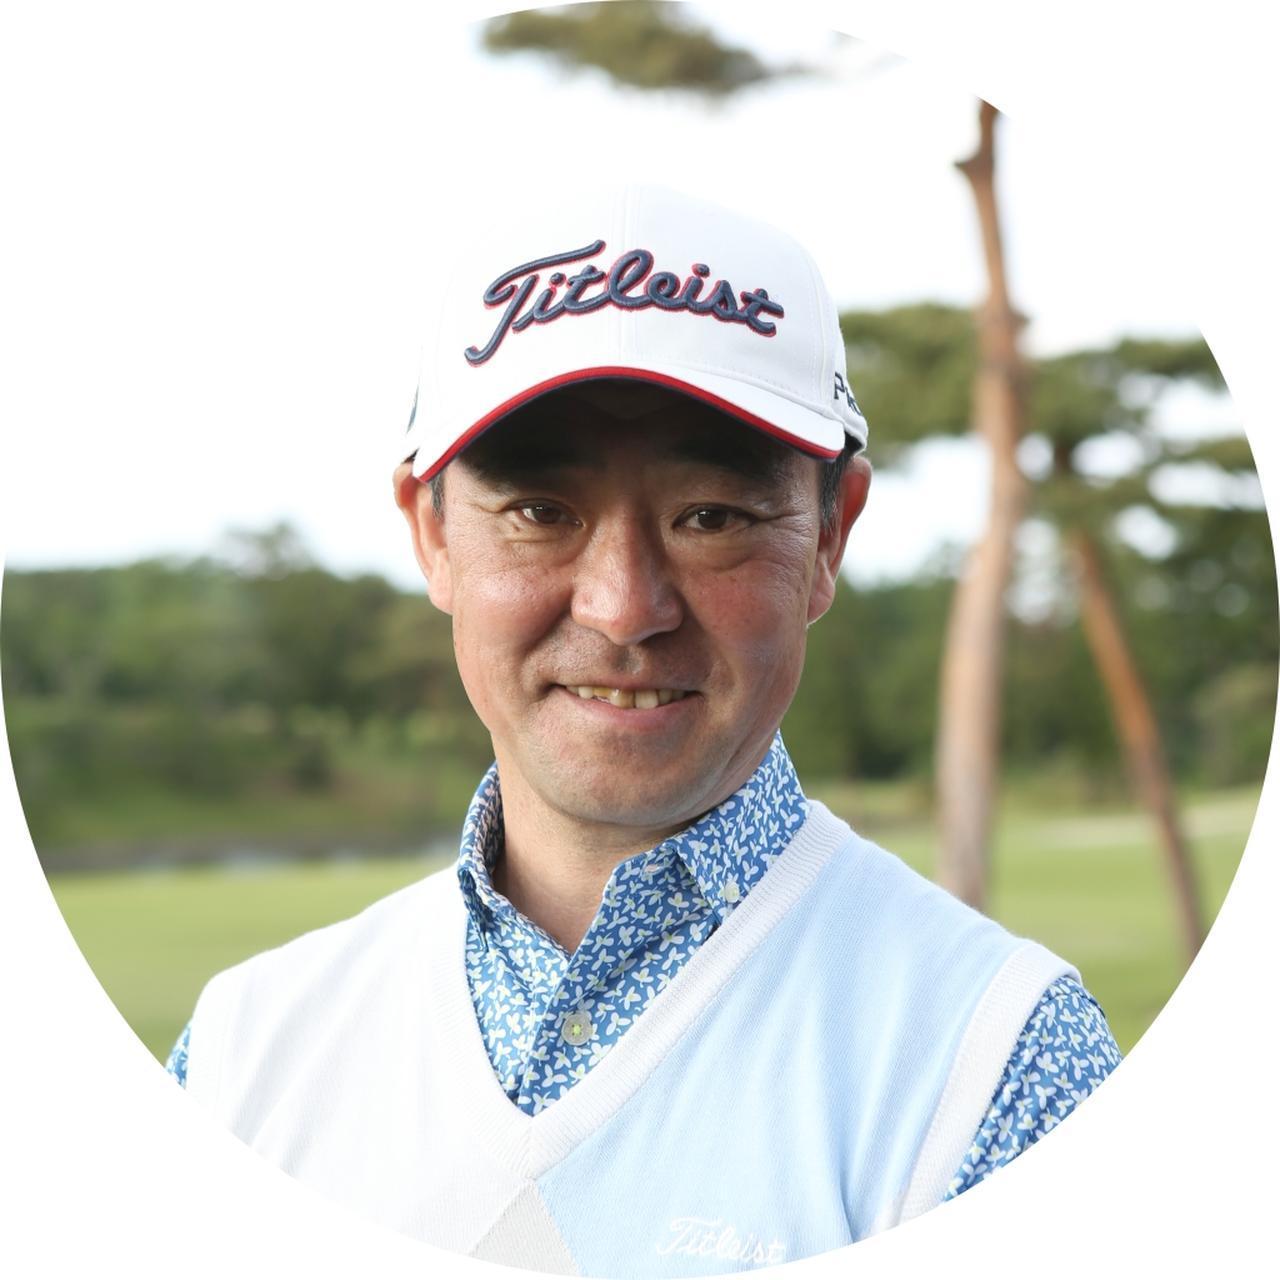 画像: 【試打・解説】堀越良和プロ 週刊ゴルフダイジェストで20年以上にわたりクラブ試打を担当しているキング・オブ・試打。わかりやすいレッスンにも定評がある。